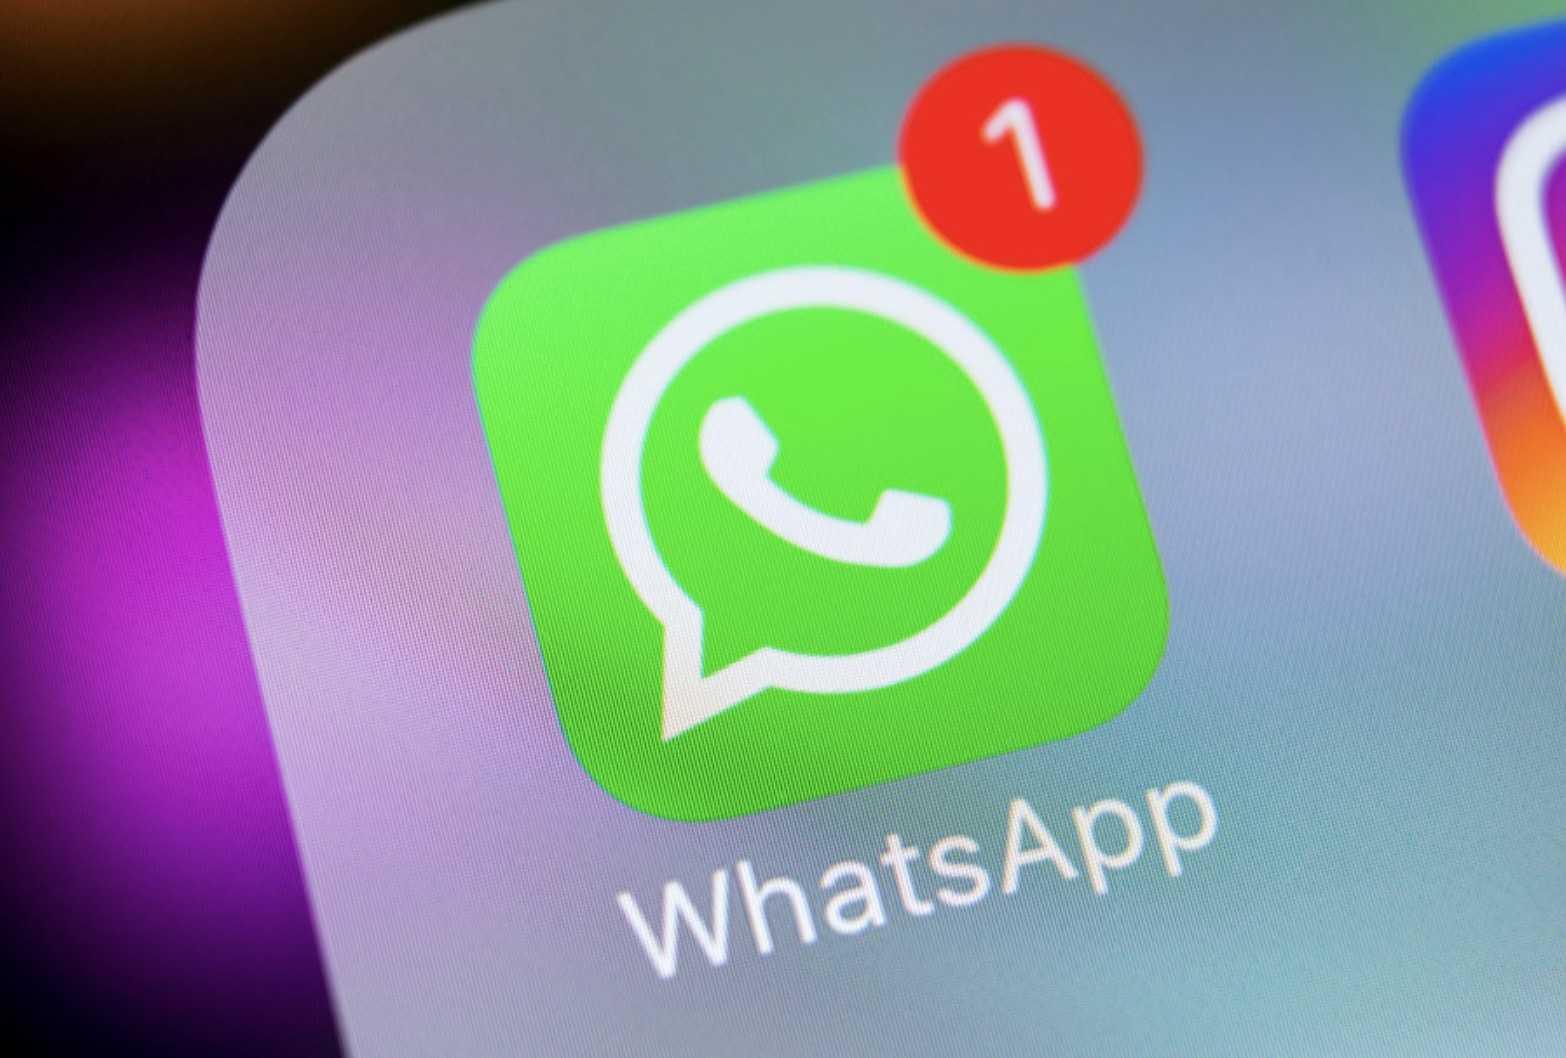 WhatsApp e aperture: ecco le novità!